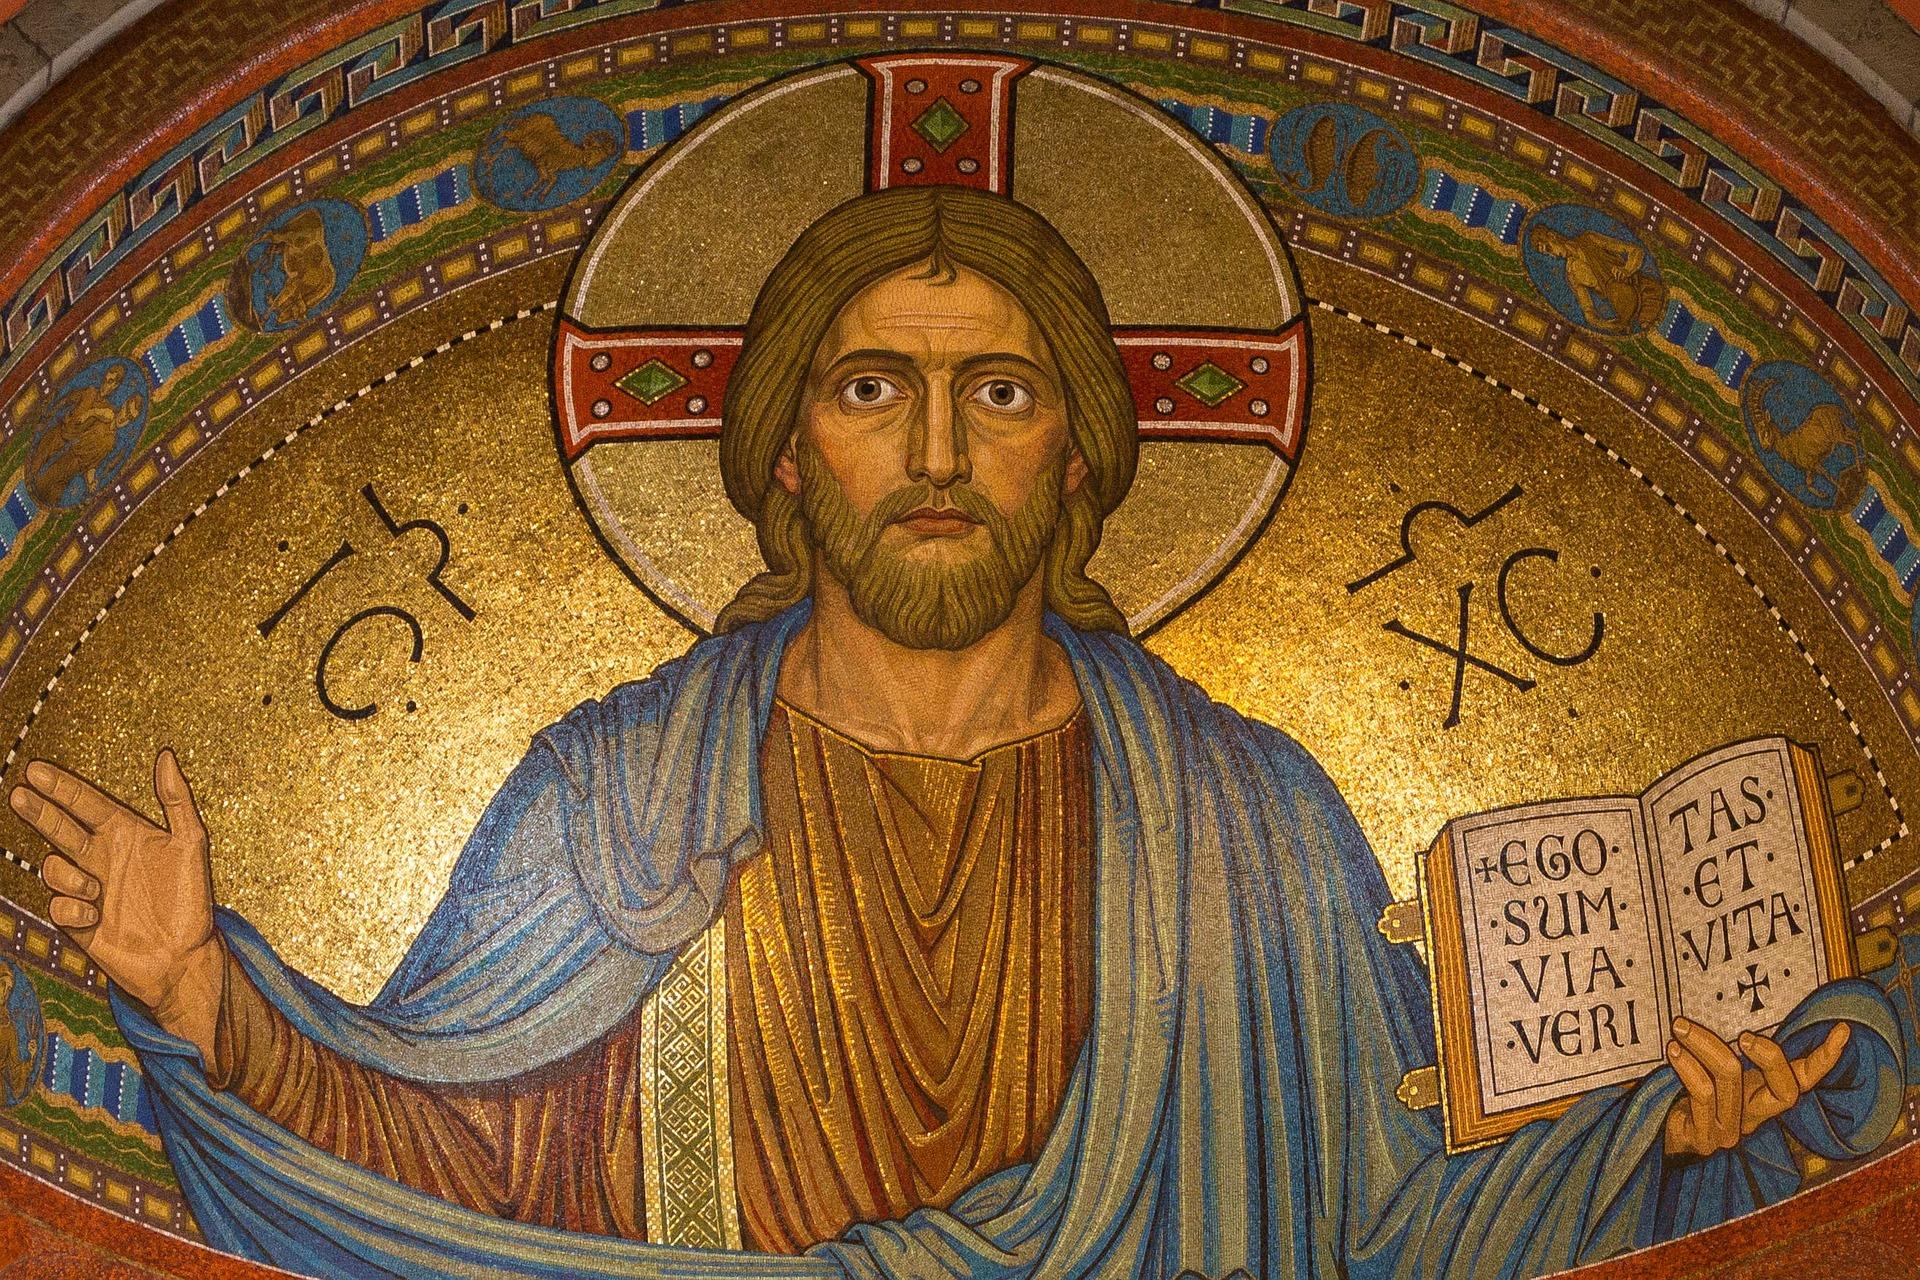 FELJTON Kako Isus spaja kršćane i muslimane